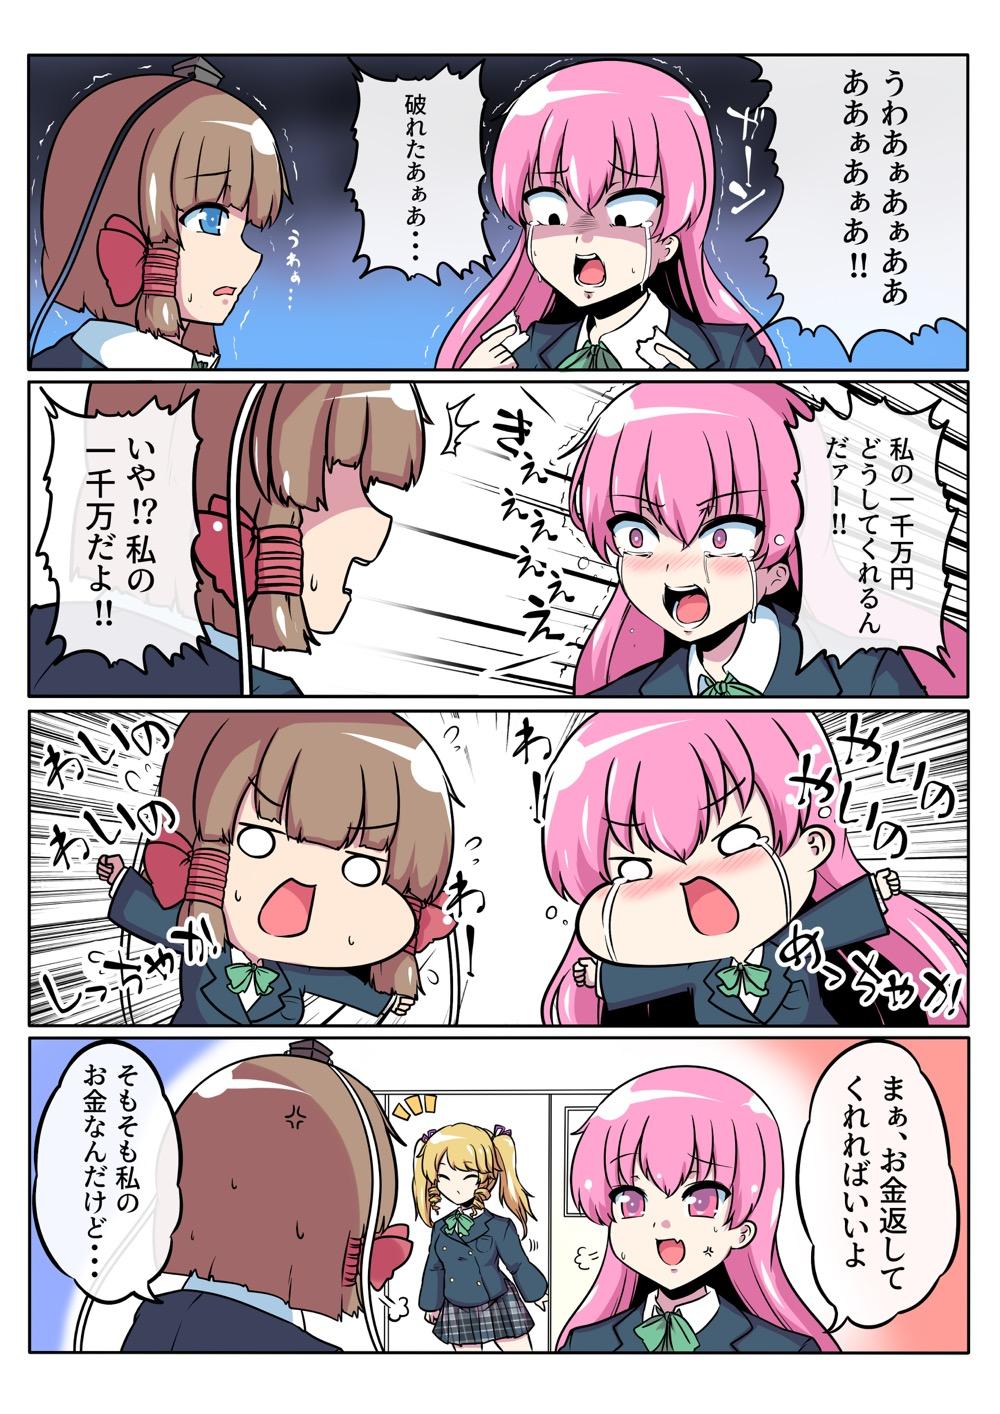 のーまねーがーる【第10話】_漫画